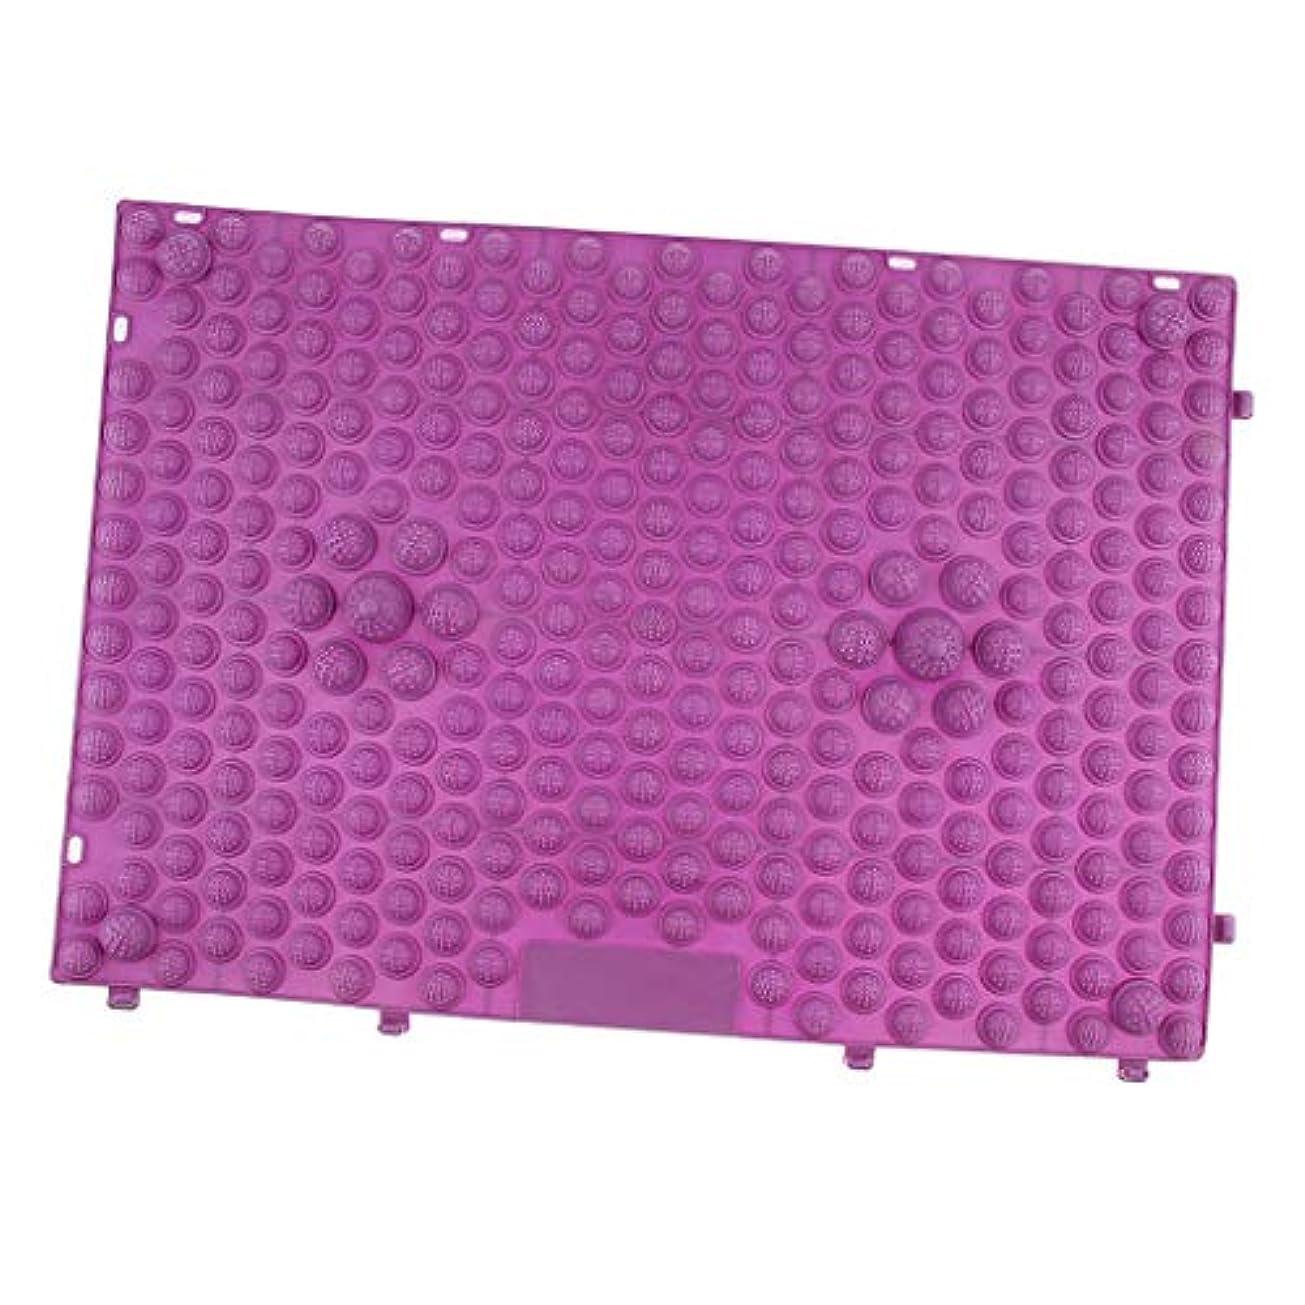 宿泊シネウィベルベットdailymall フットマッサージ マット マッサージパッド マッサージシート 疲労和らげ 多色選べ - 紫